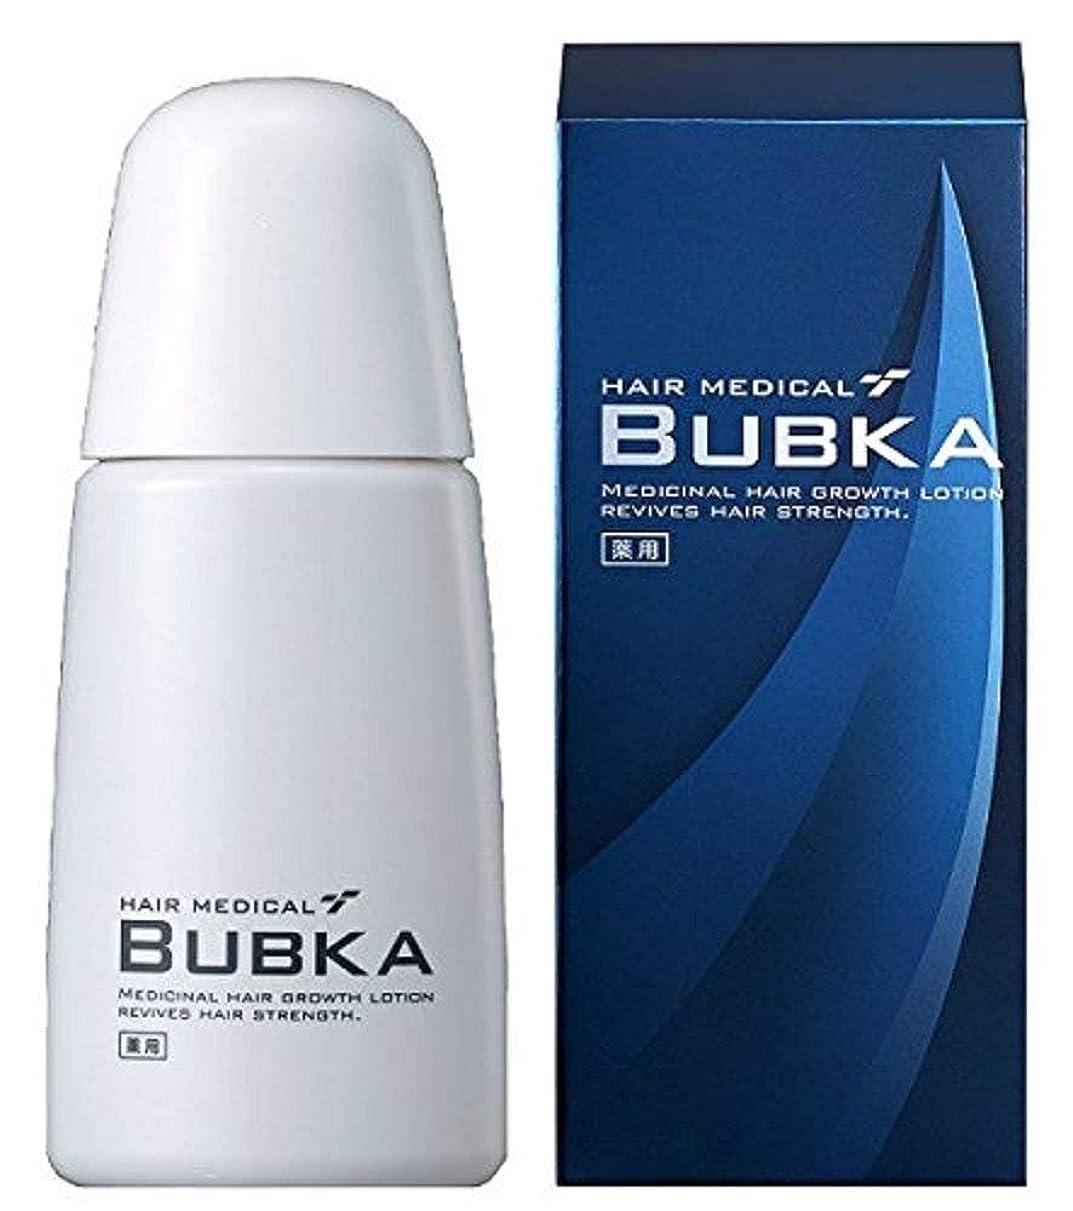 発音する背の高い無関心【BUBKA ブブカ 】新型 濃密育毛剤 ブブカ-003M (内容量:120ml 約1ヶ月分)(医薬部外品)